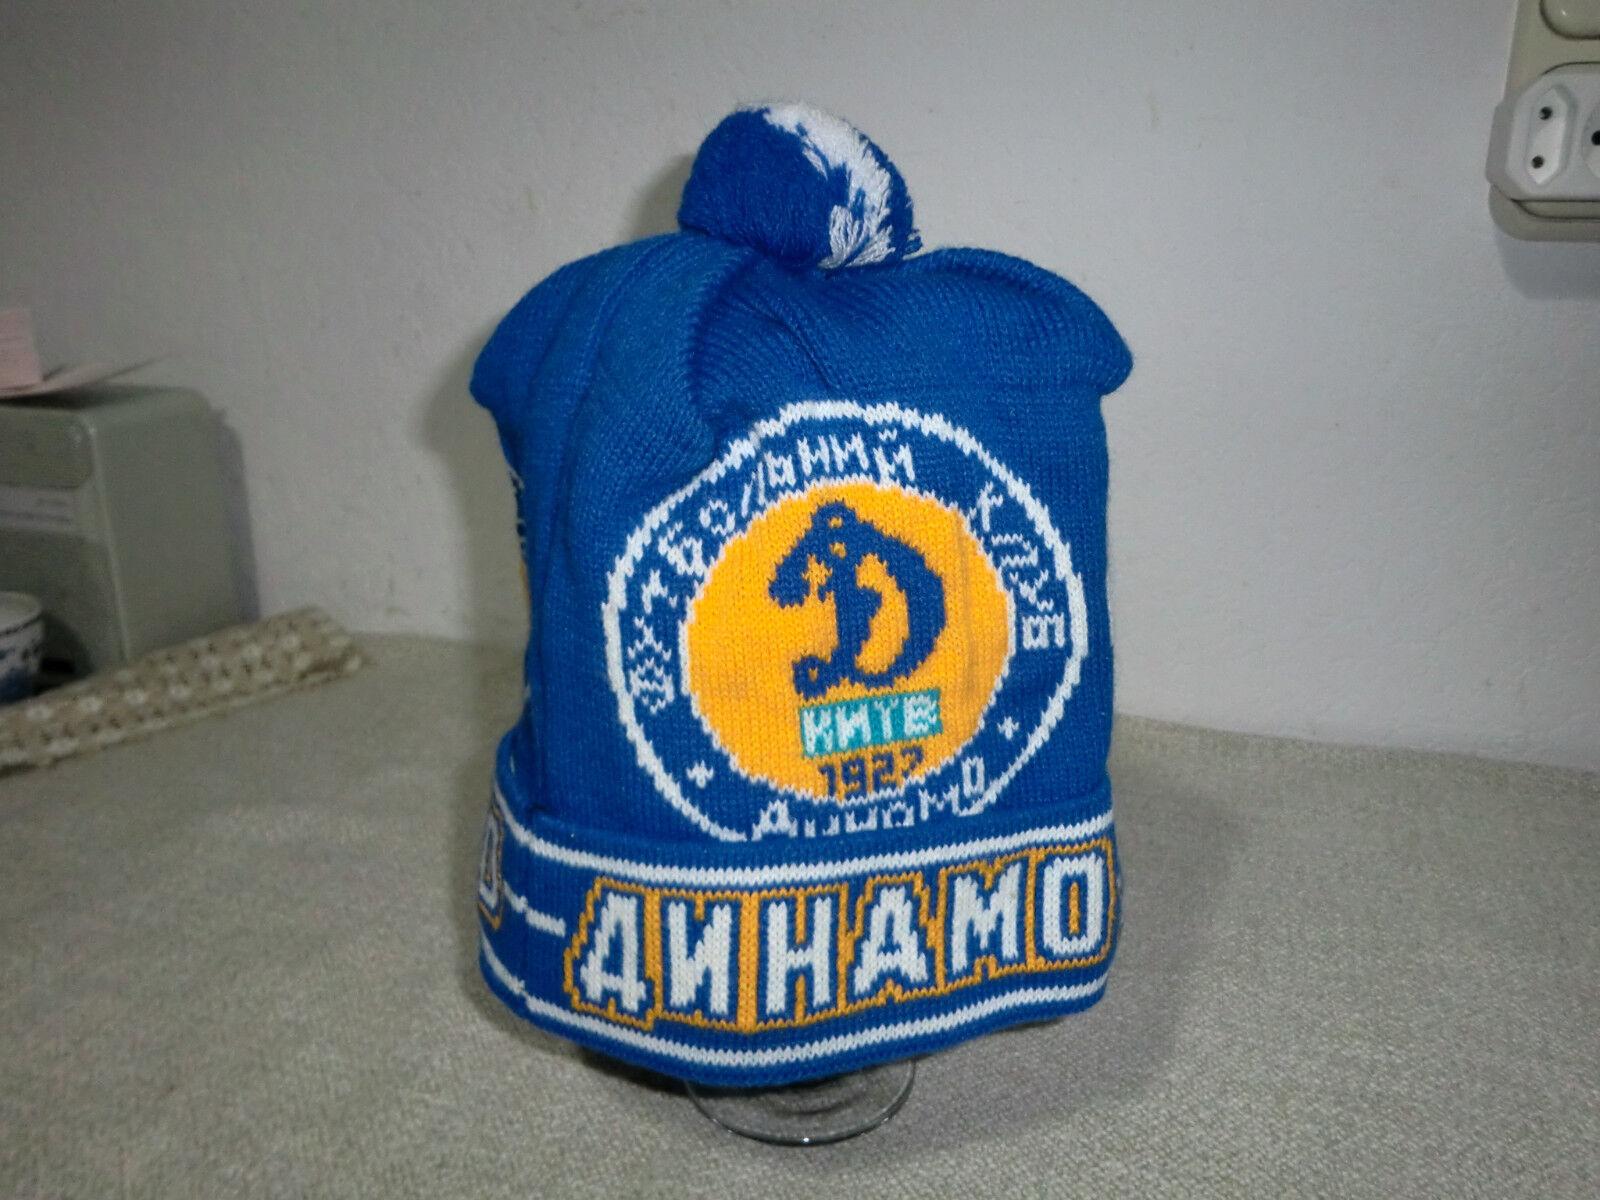 Mens Knitted Hat fussbalfansmütze skiers Hat Original! Ukraine Gift Idea